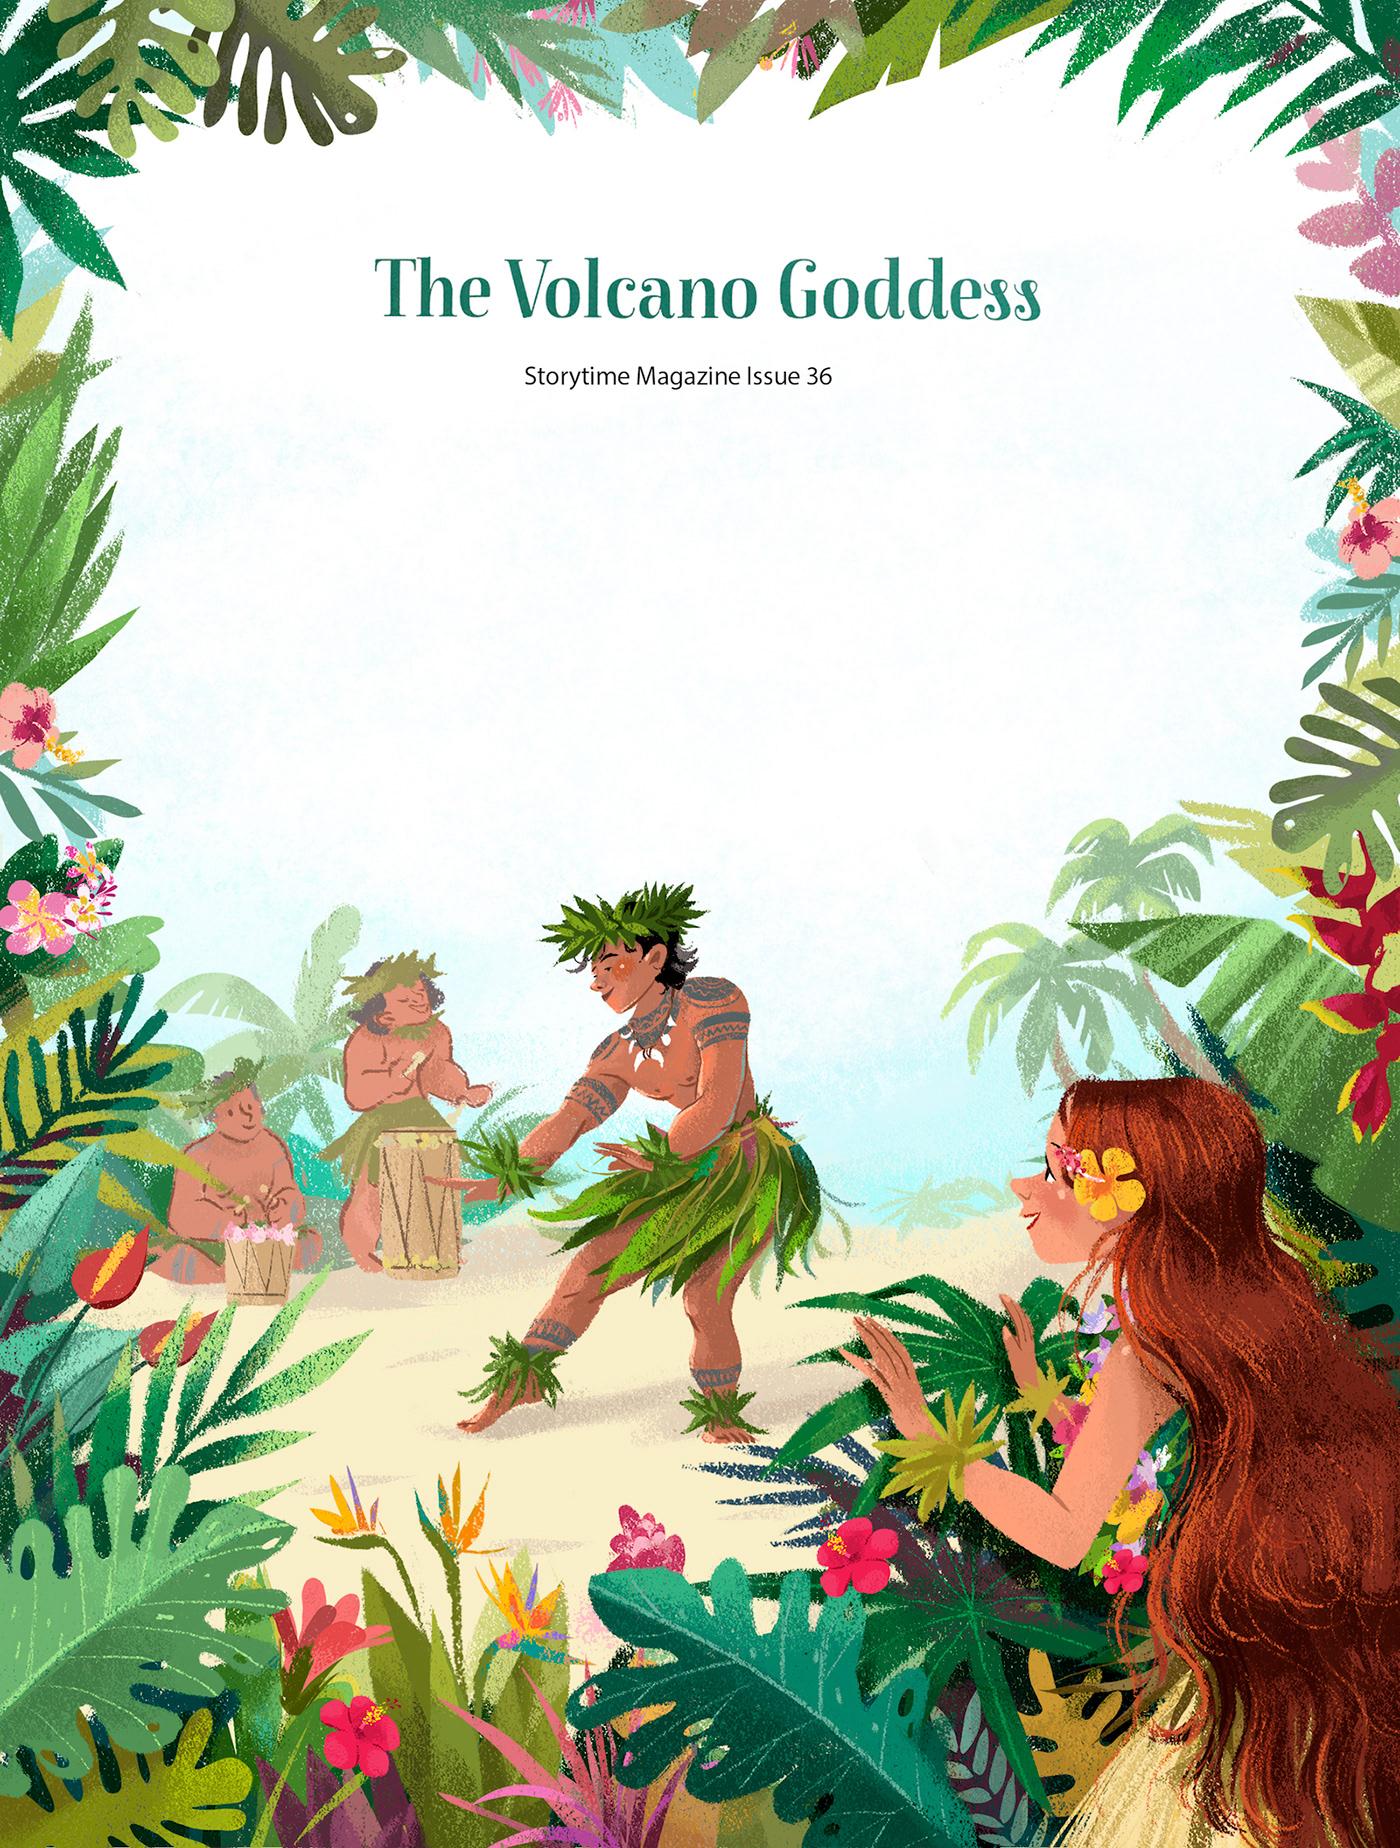 The Volcano Goddess-Storytime Magazine Issue 36